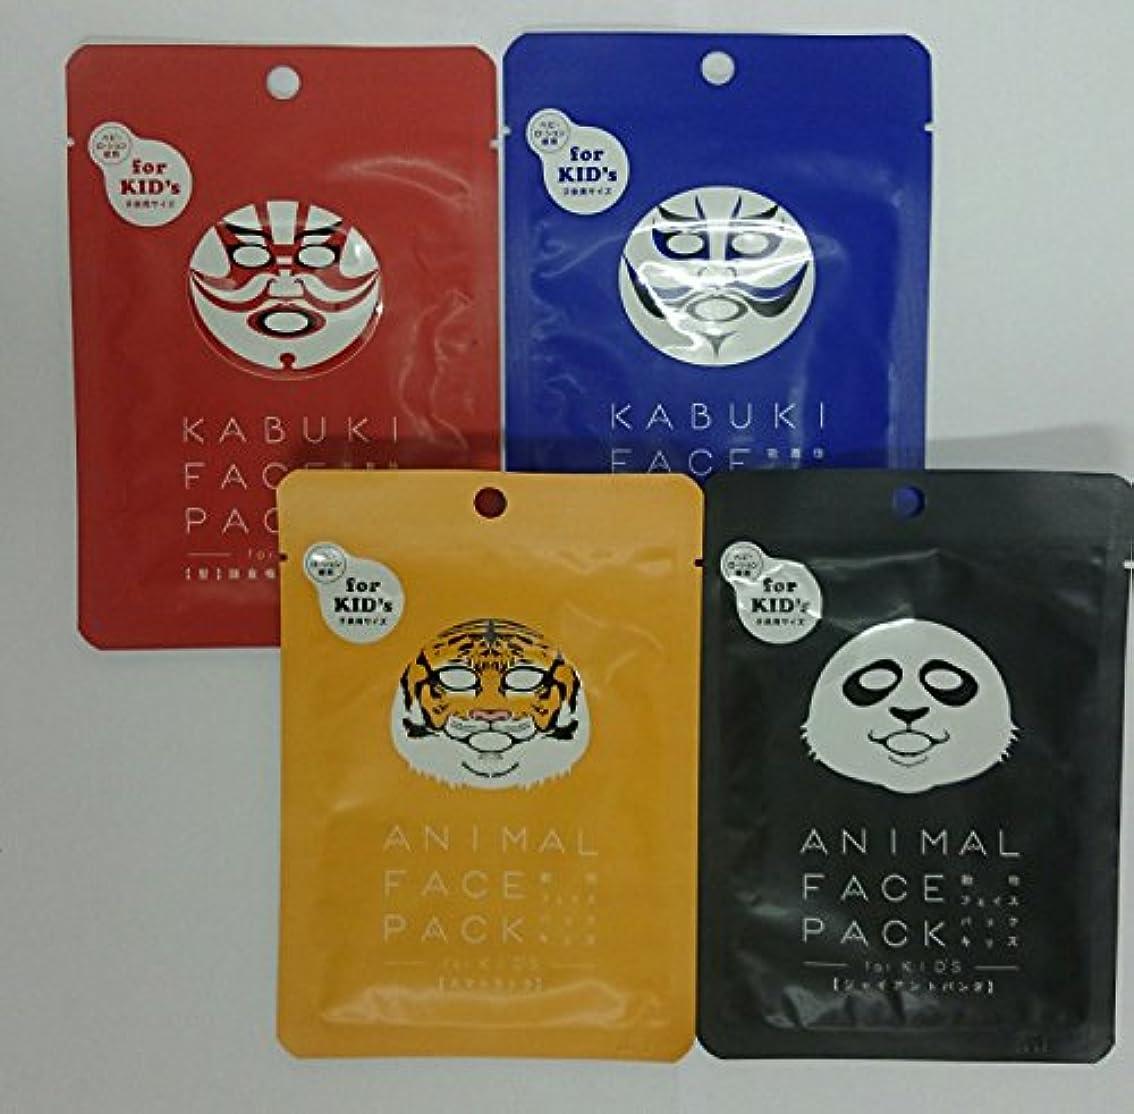 裁判所事実上ひどく歌舞伎フェイスパック 子供用 KABUKI FACE PACK For Kids パンダ トラも! ベビーローション使用 4個セット